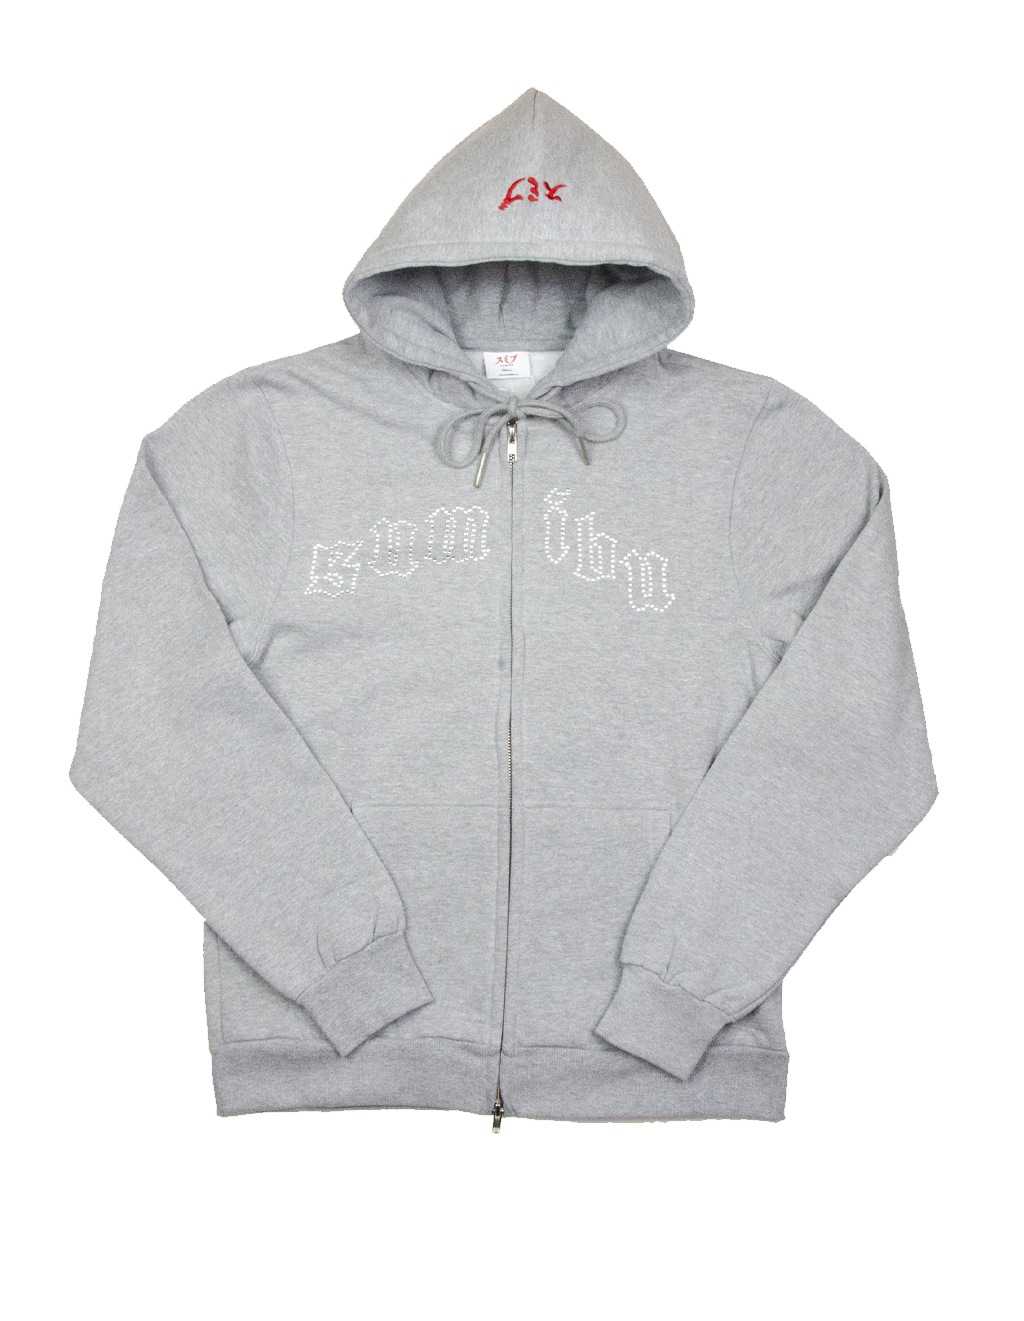 SUMIBU Grey-Melange On Froze Zip Hoodie